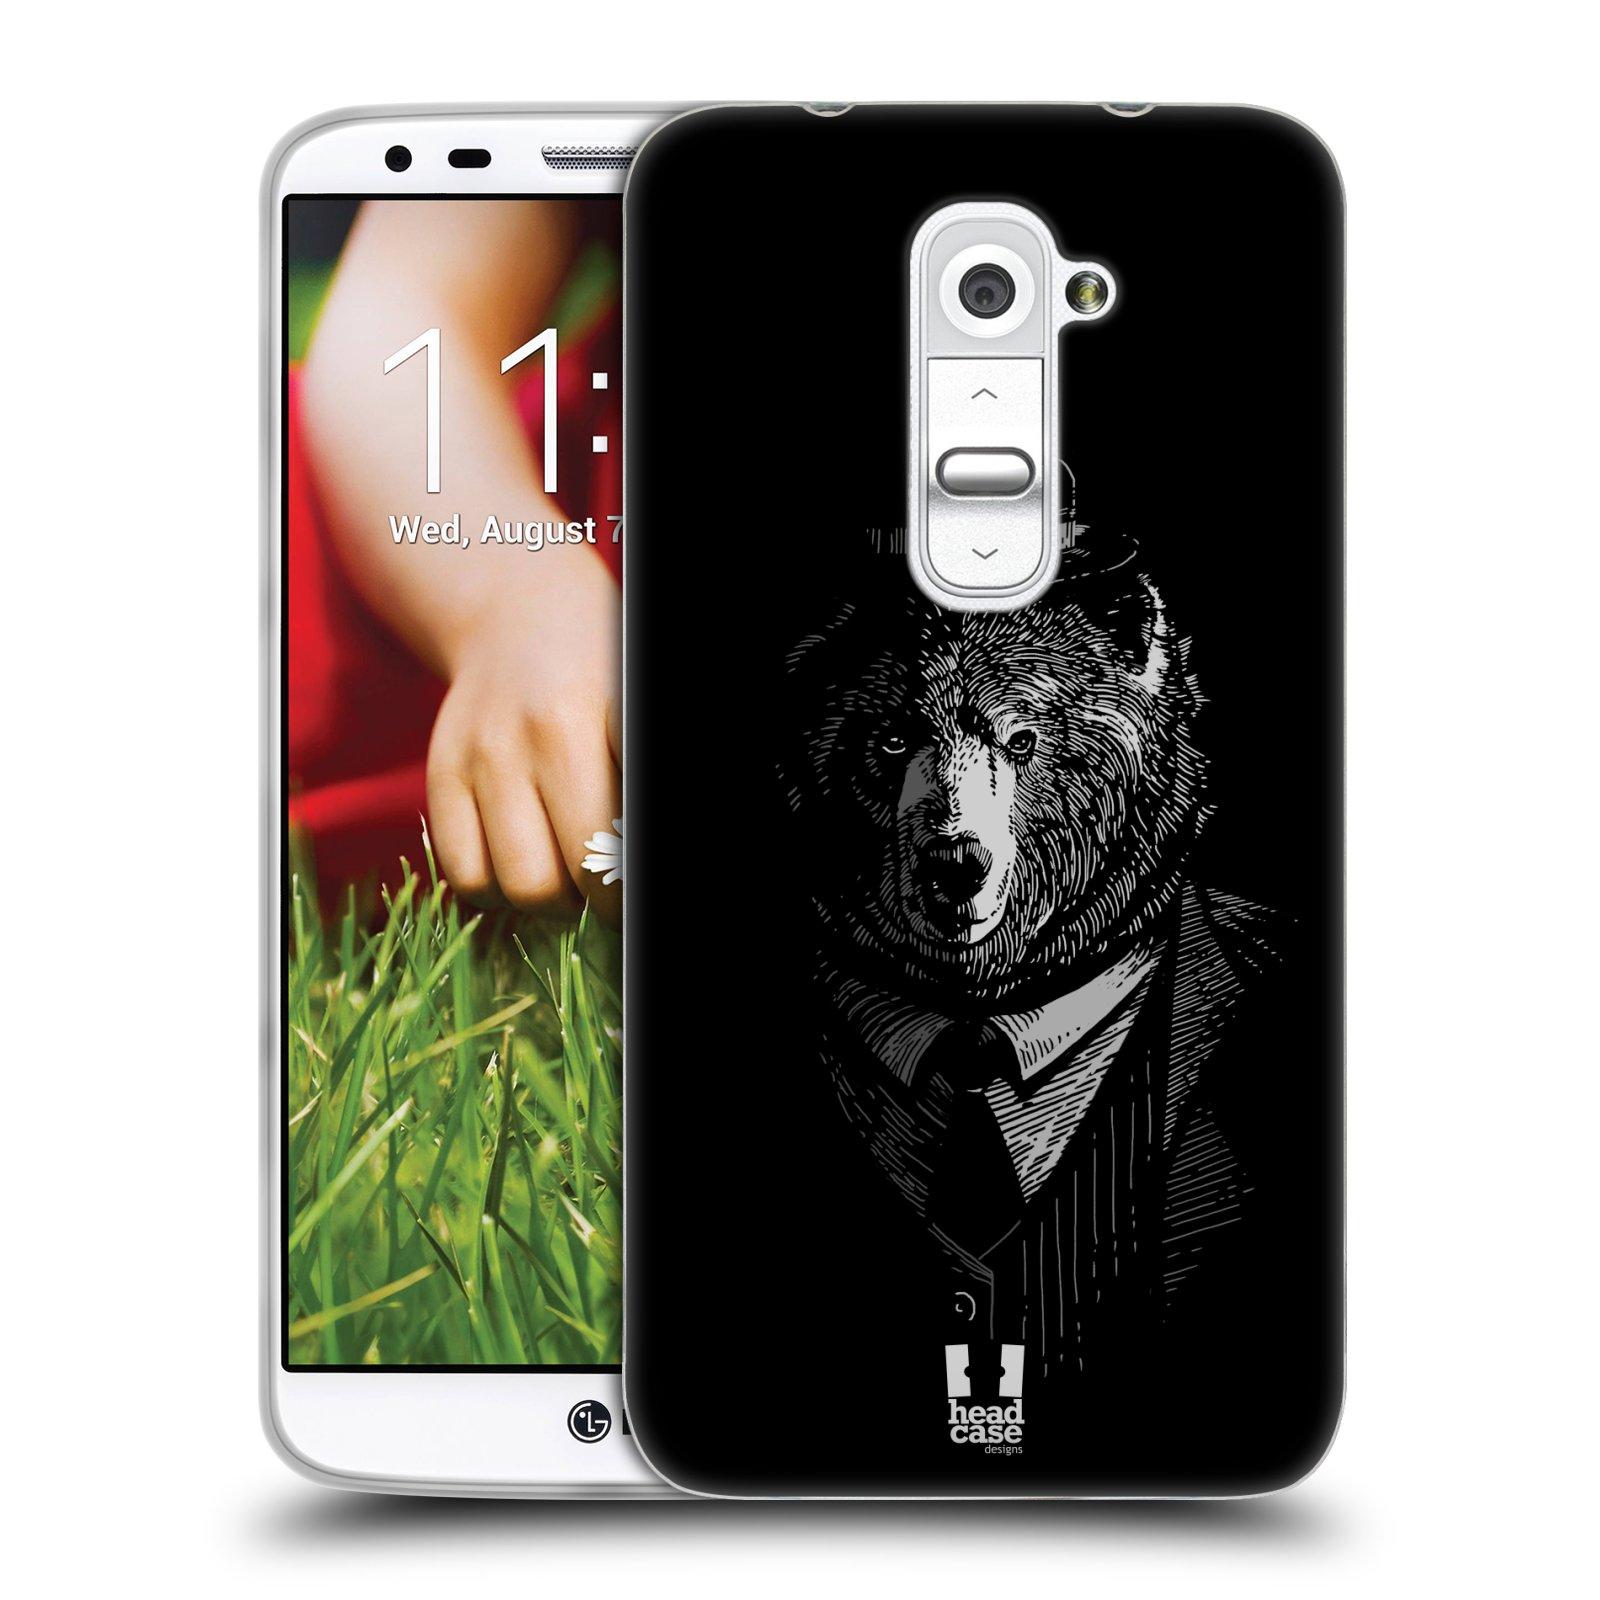 HEAD CASE silikonový obal na mobil LG G2 vzor Zvíře v obleku medvěd